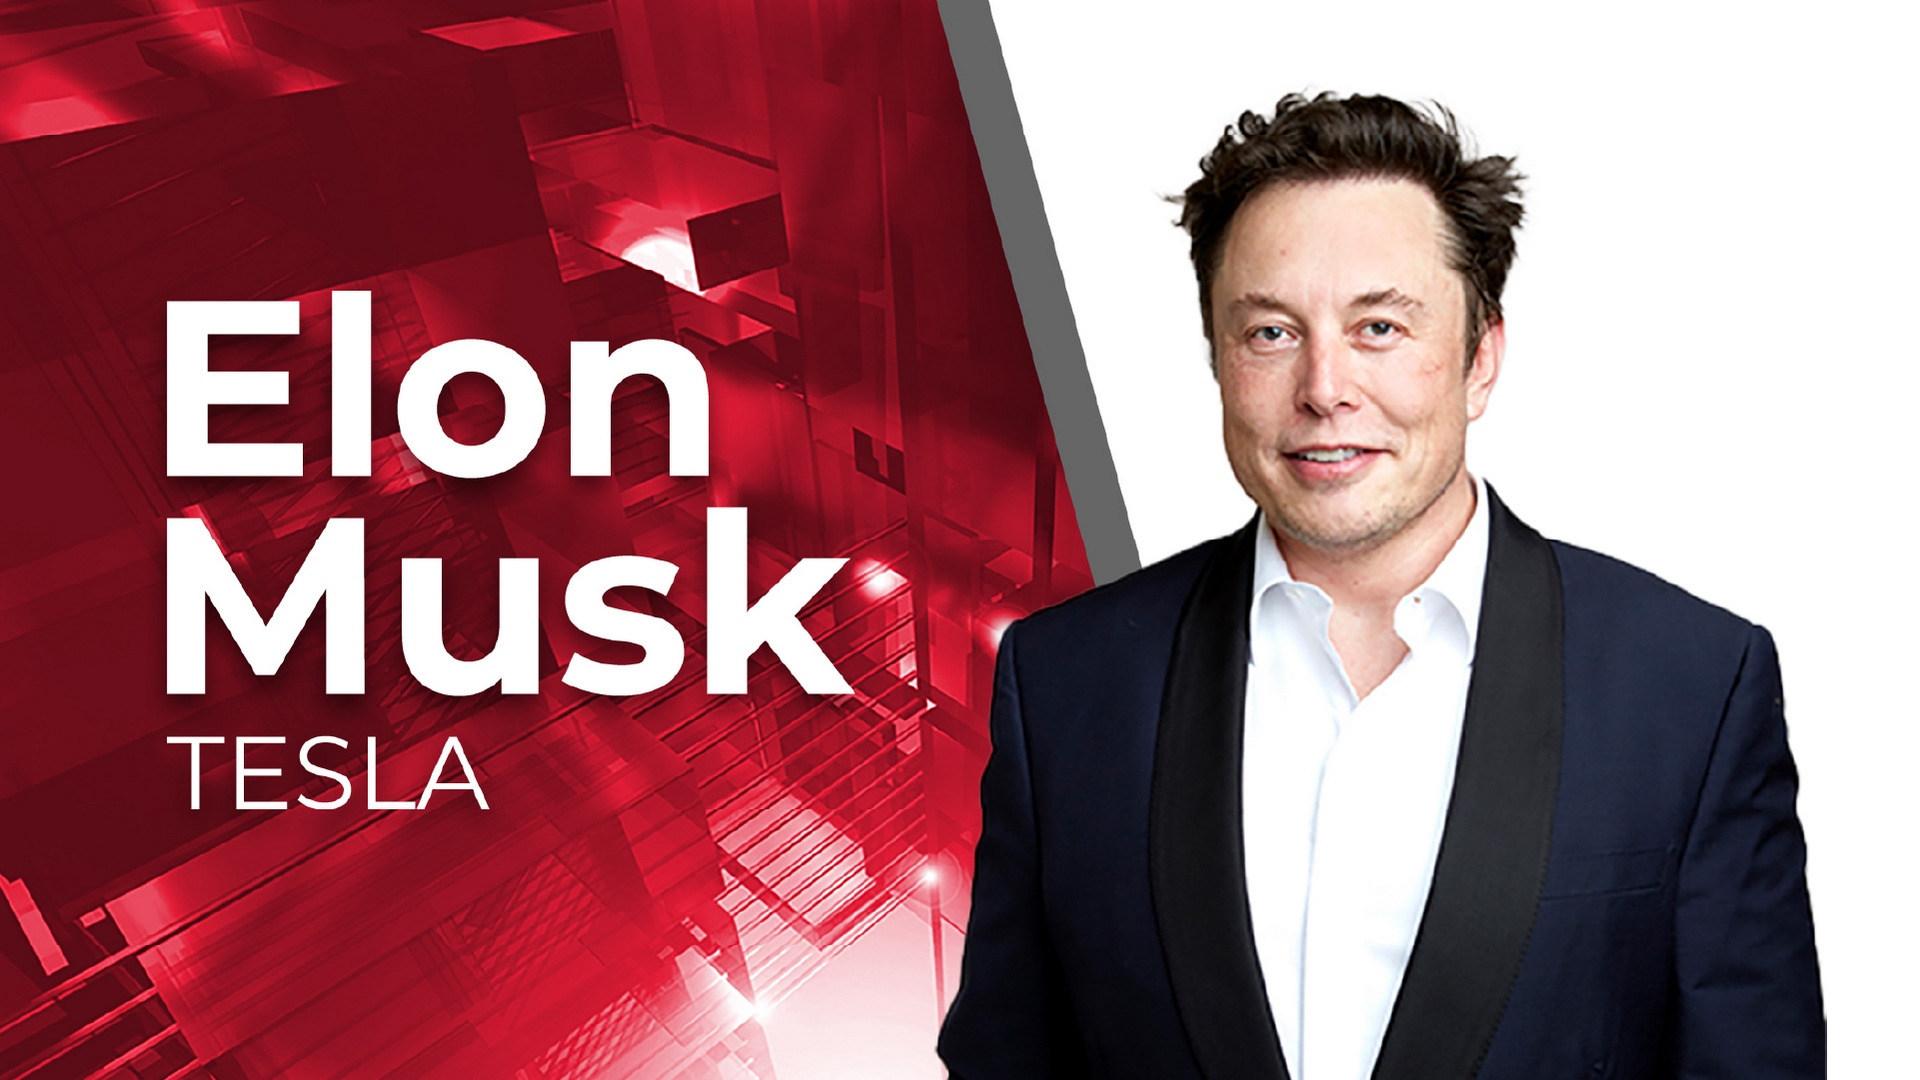 tesla, Elon Musk, Tesla Motors